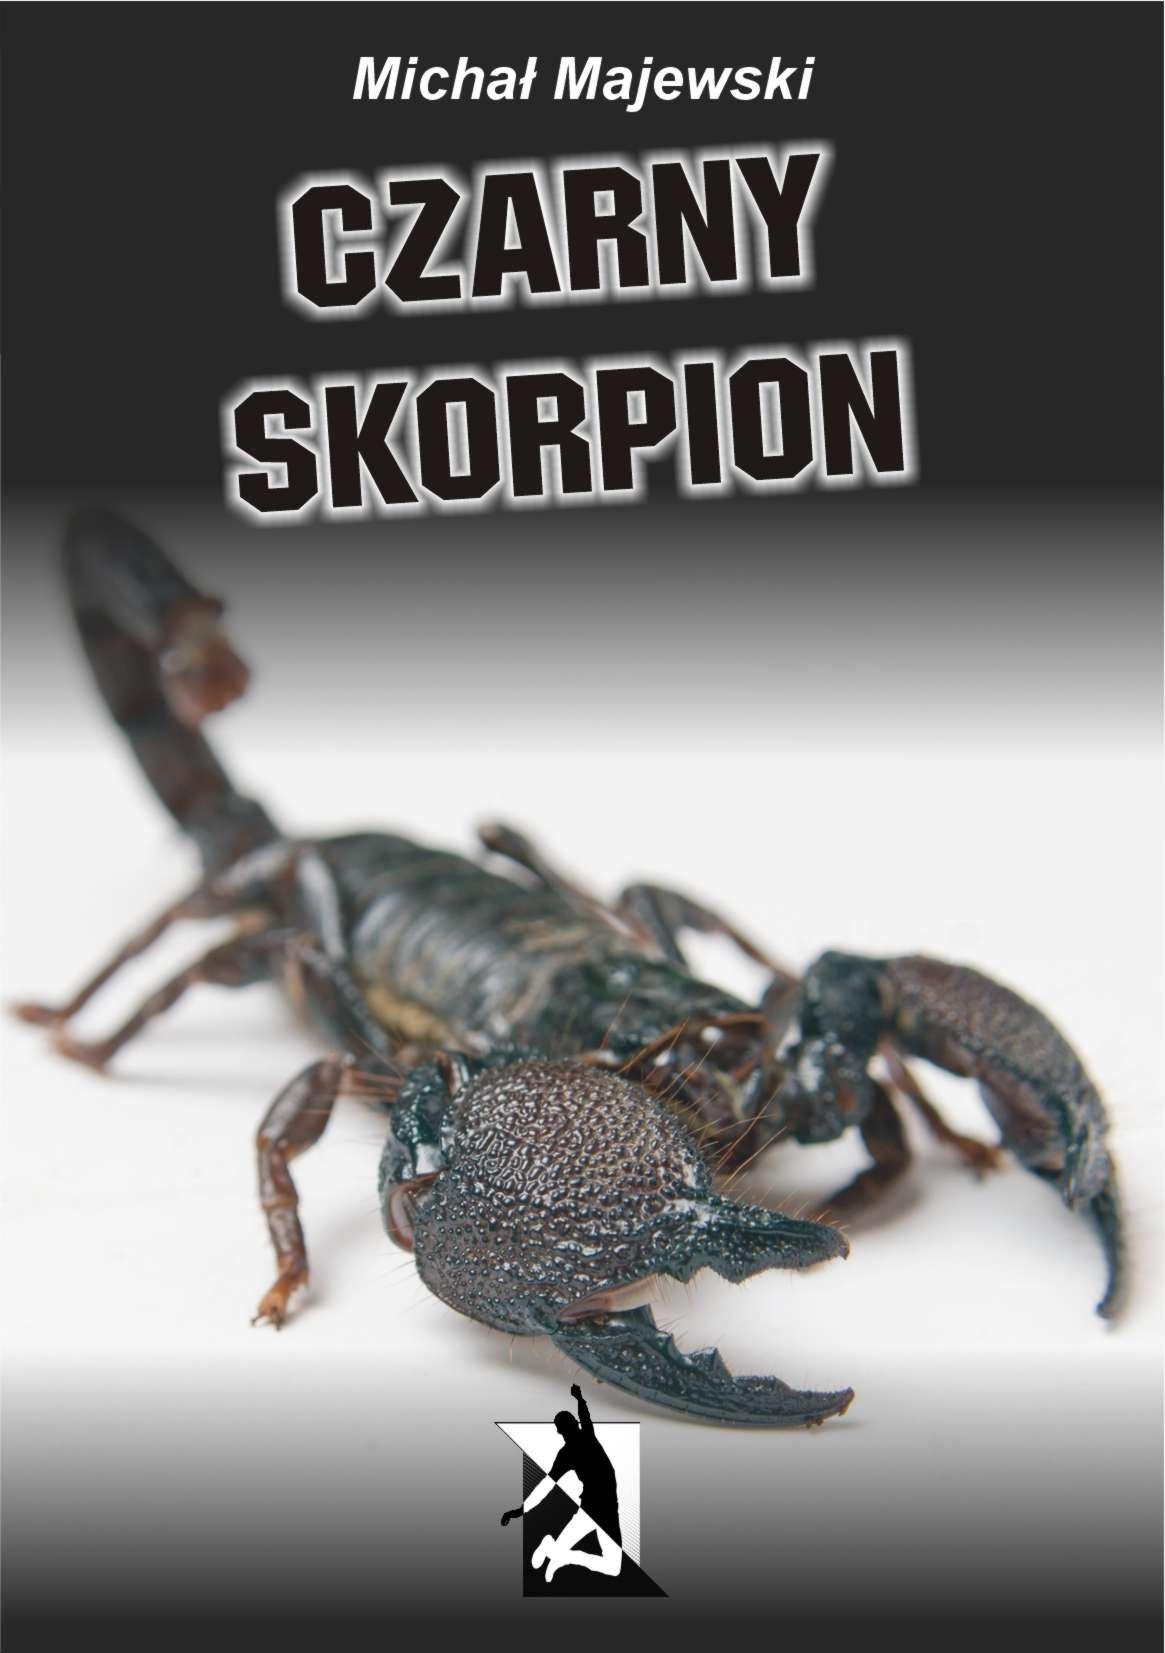 Czarny skorpion - Ebook (Książka EPUB) do pobrania w formacie EPUB